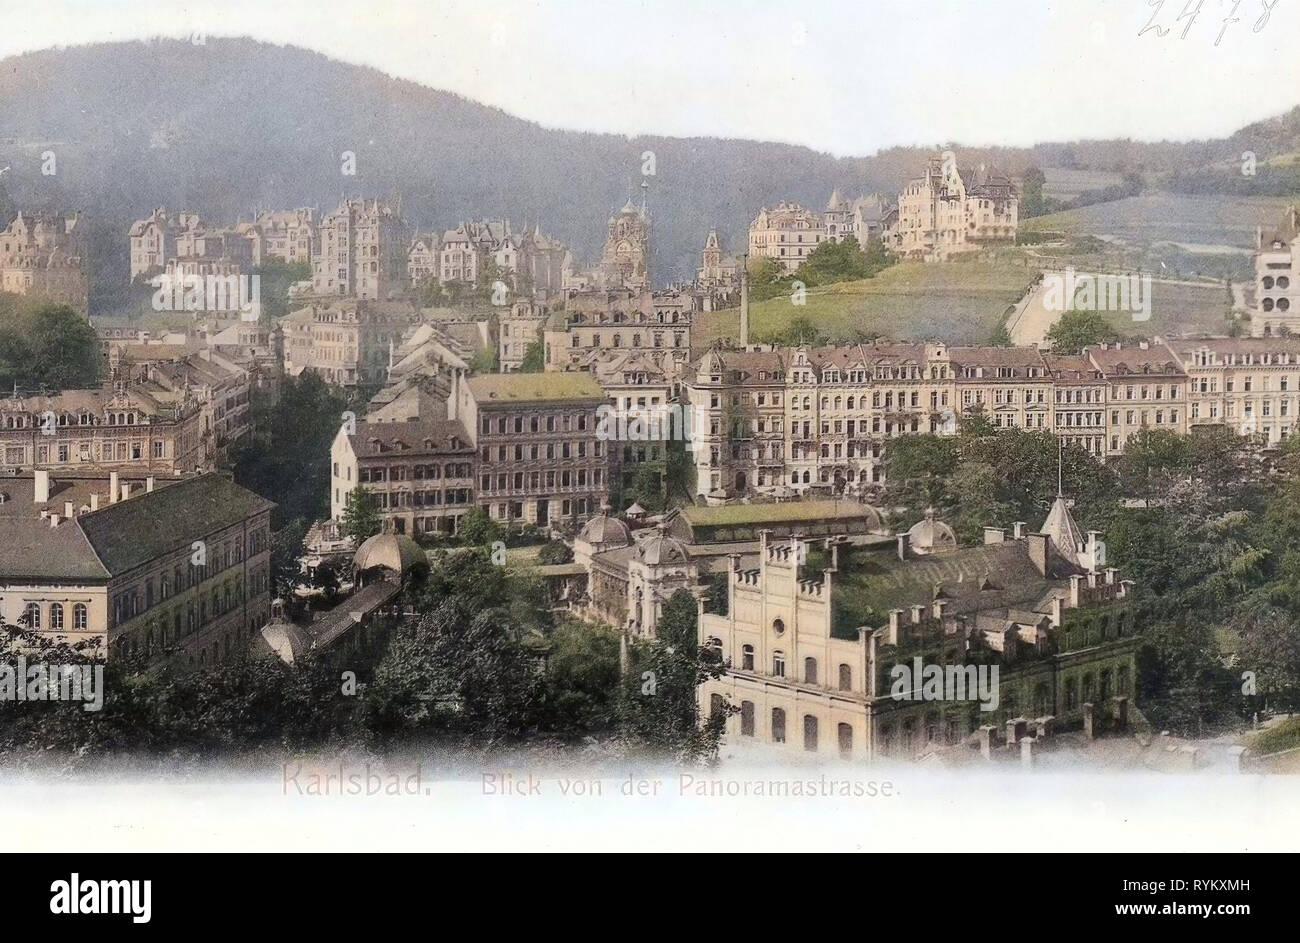 Edificios en Karlovy Vary 1902, Región de Karlovy Vary, iglesia ortodoxa de los Santos Pedro y Pablo en Karlovy Vary, Sadová kolonáda, Karlsbad, Blick von der Panoramastraße, República Checa Foto de stock